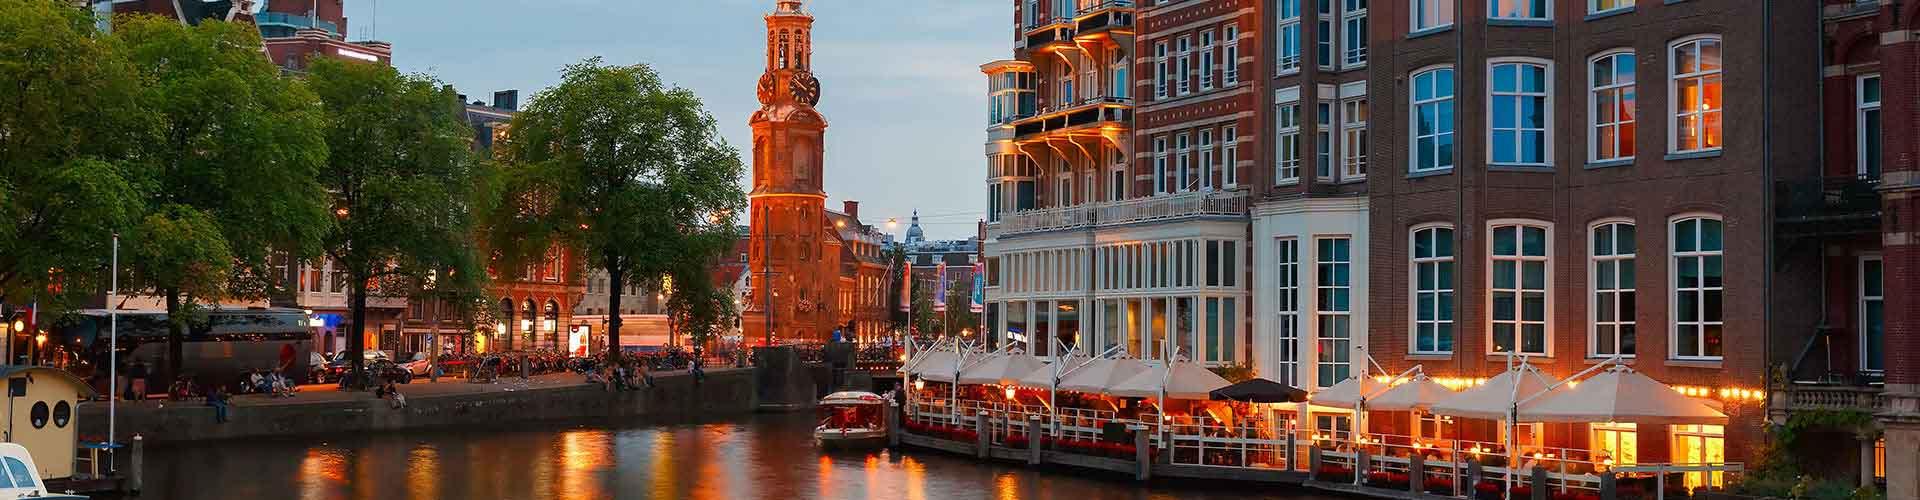 Amsterdam - Auberges de jeunesse près de Munttoren. Cartes pour Amsterdam, photos et commentaires pour chaque auberge de jeunesse à Amsterdam.